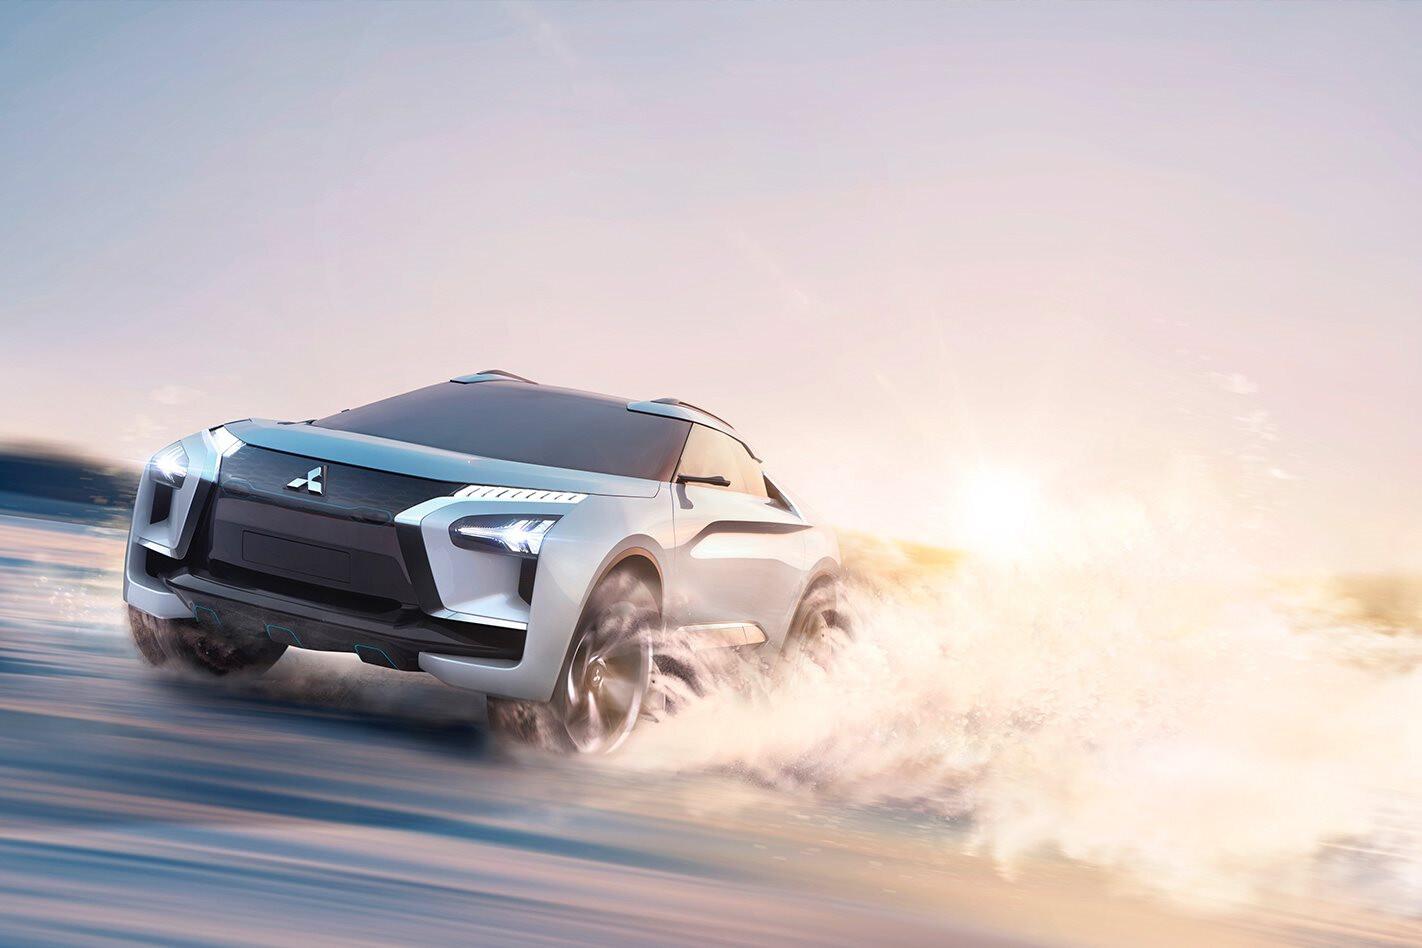 2017 Tokyo Motor Show Mitsubishi e-Evolution concept revealed